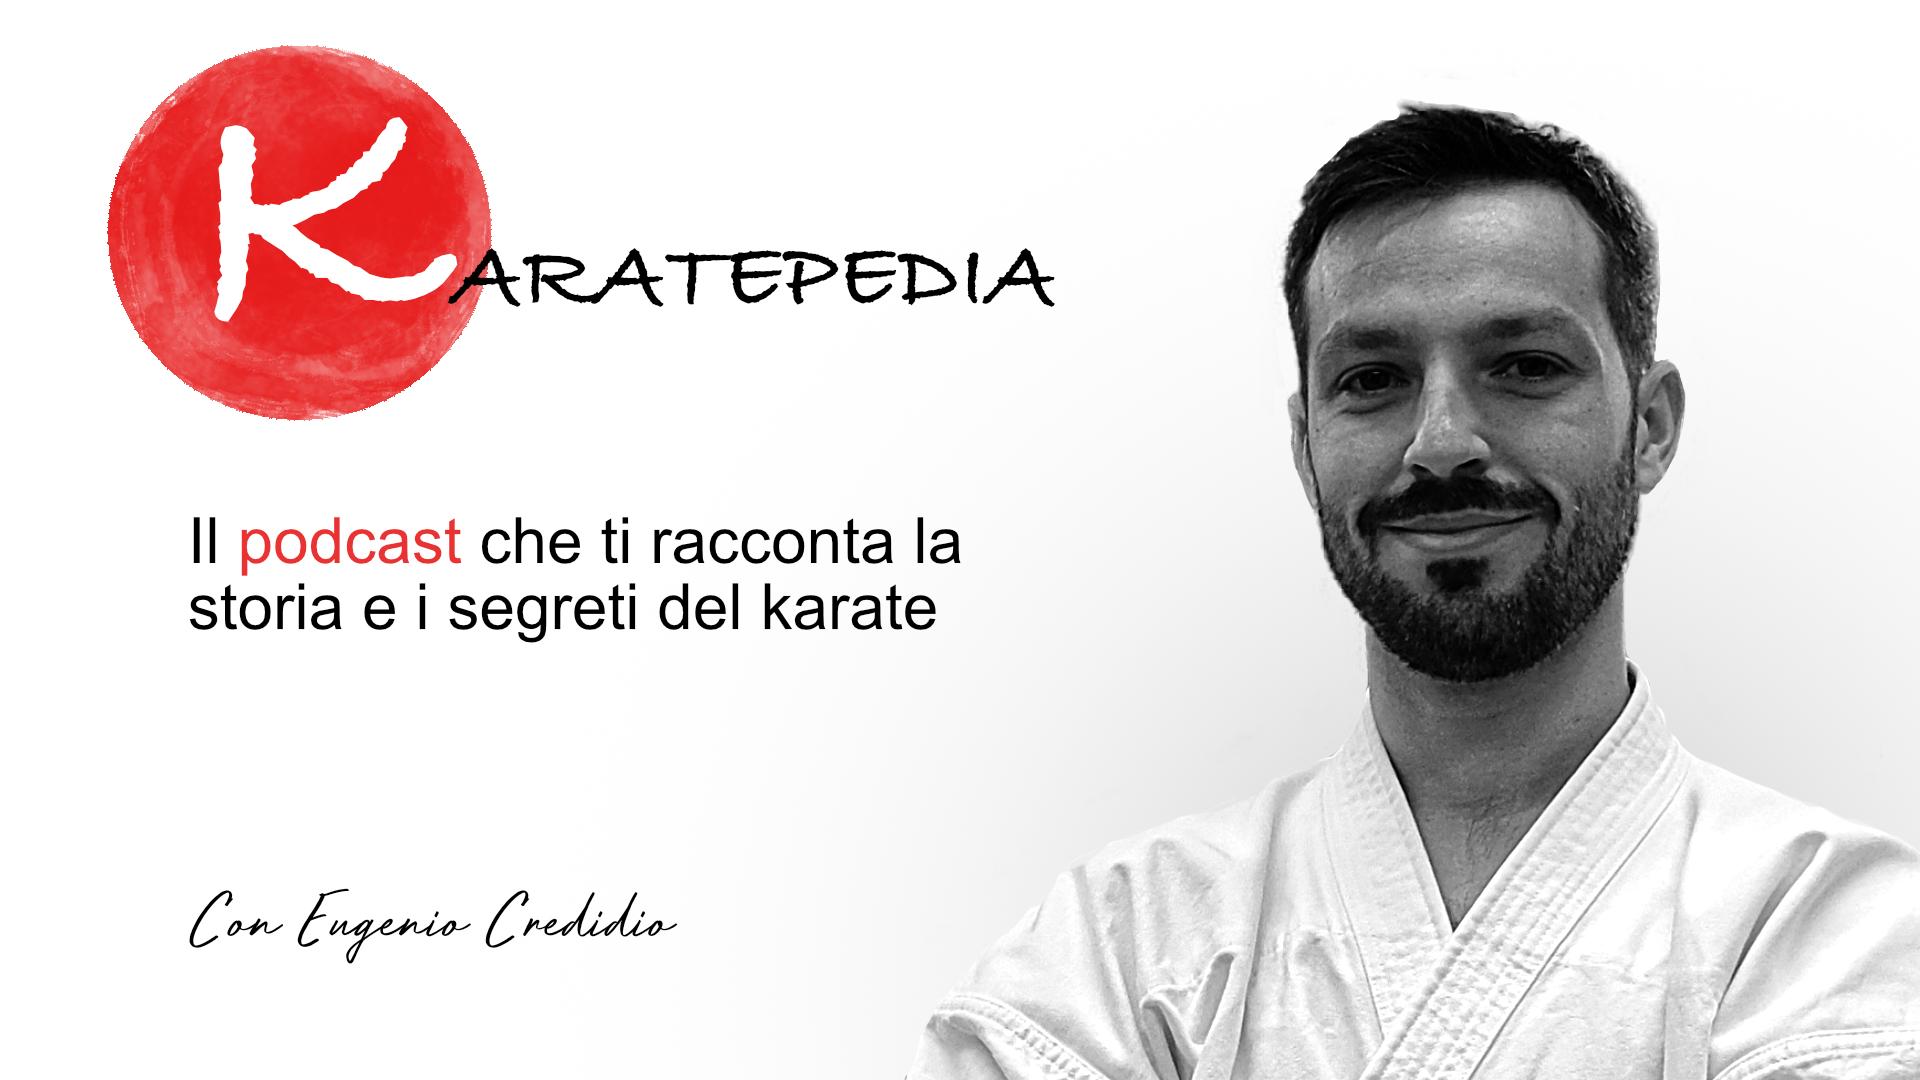 Il più grande successo che ho ottenuto grazie al karate